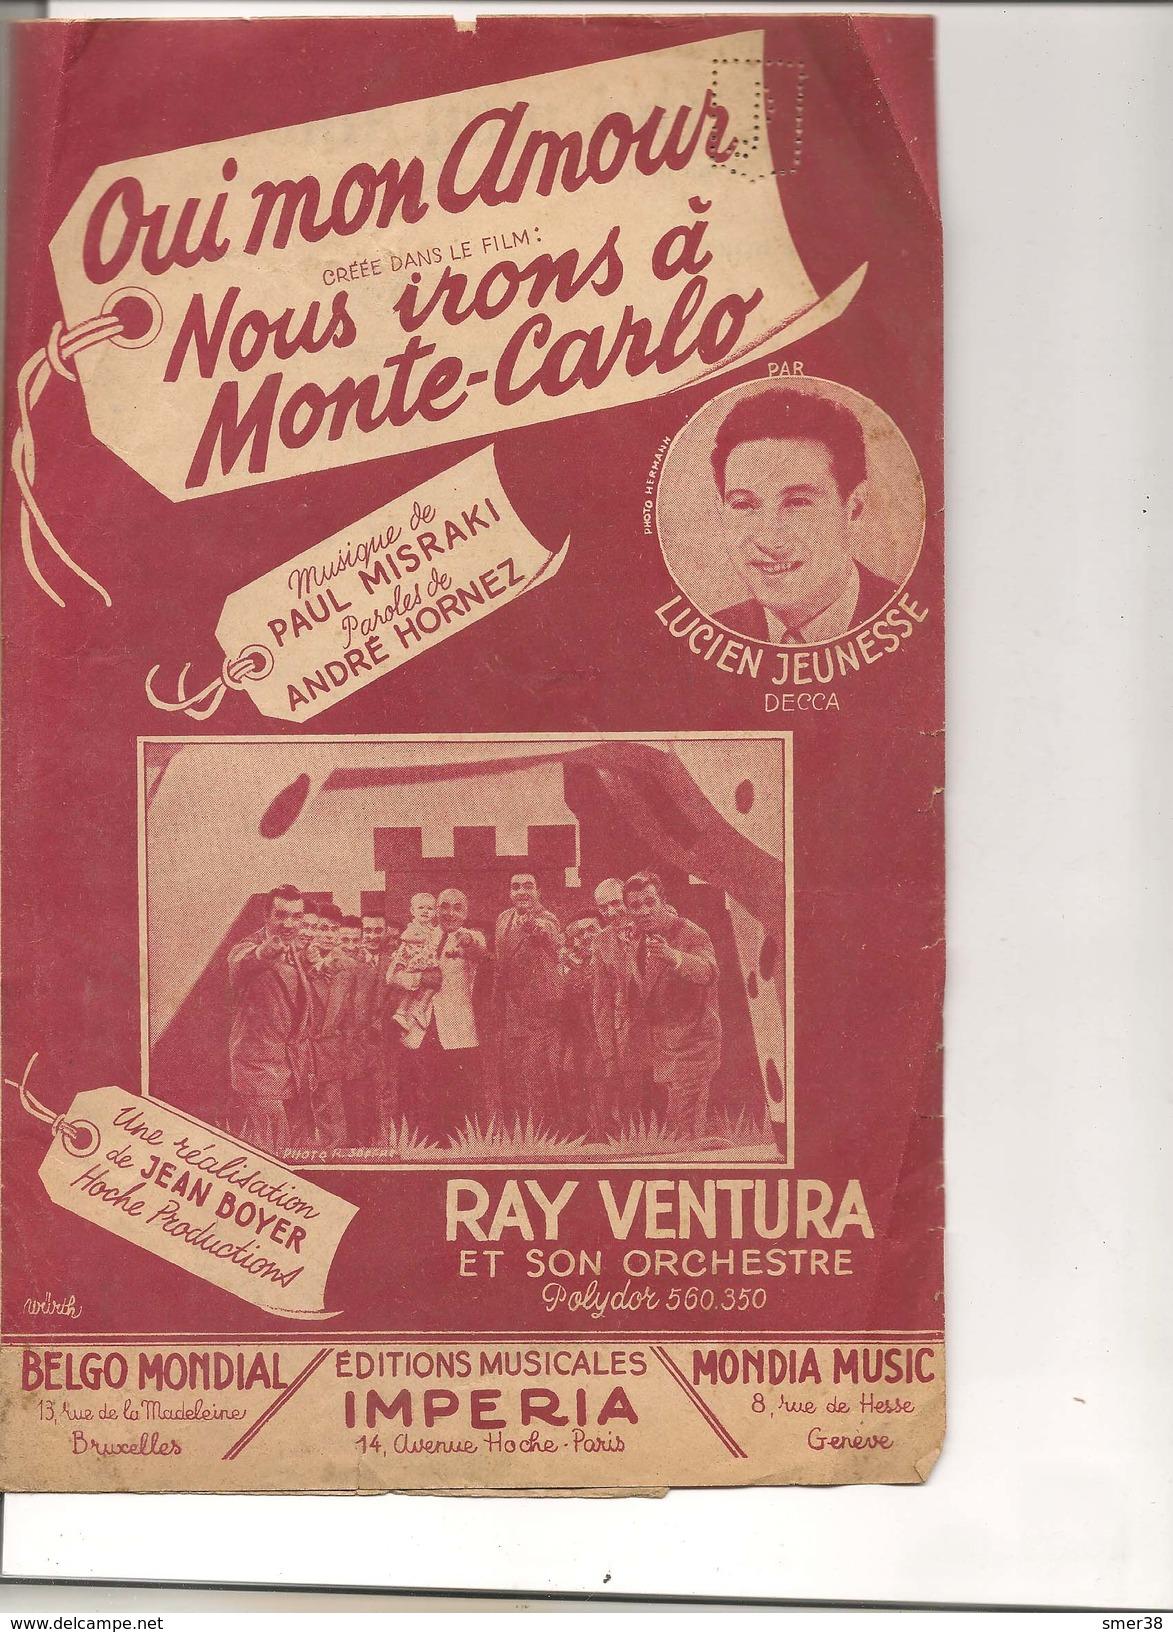 Partition- Oui Mon Amour (Nous Irons A Monte Carlo) -musique: Paul MISRAKI - Paroles:Andre Hornez - Musique & Instruments